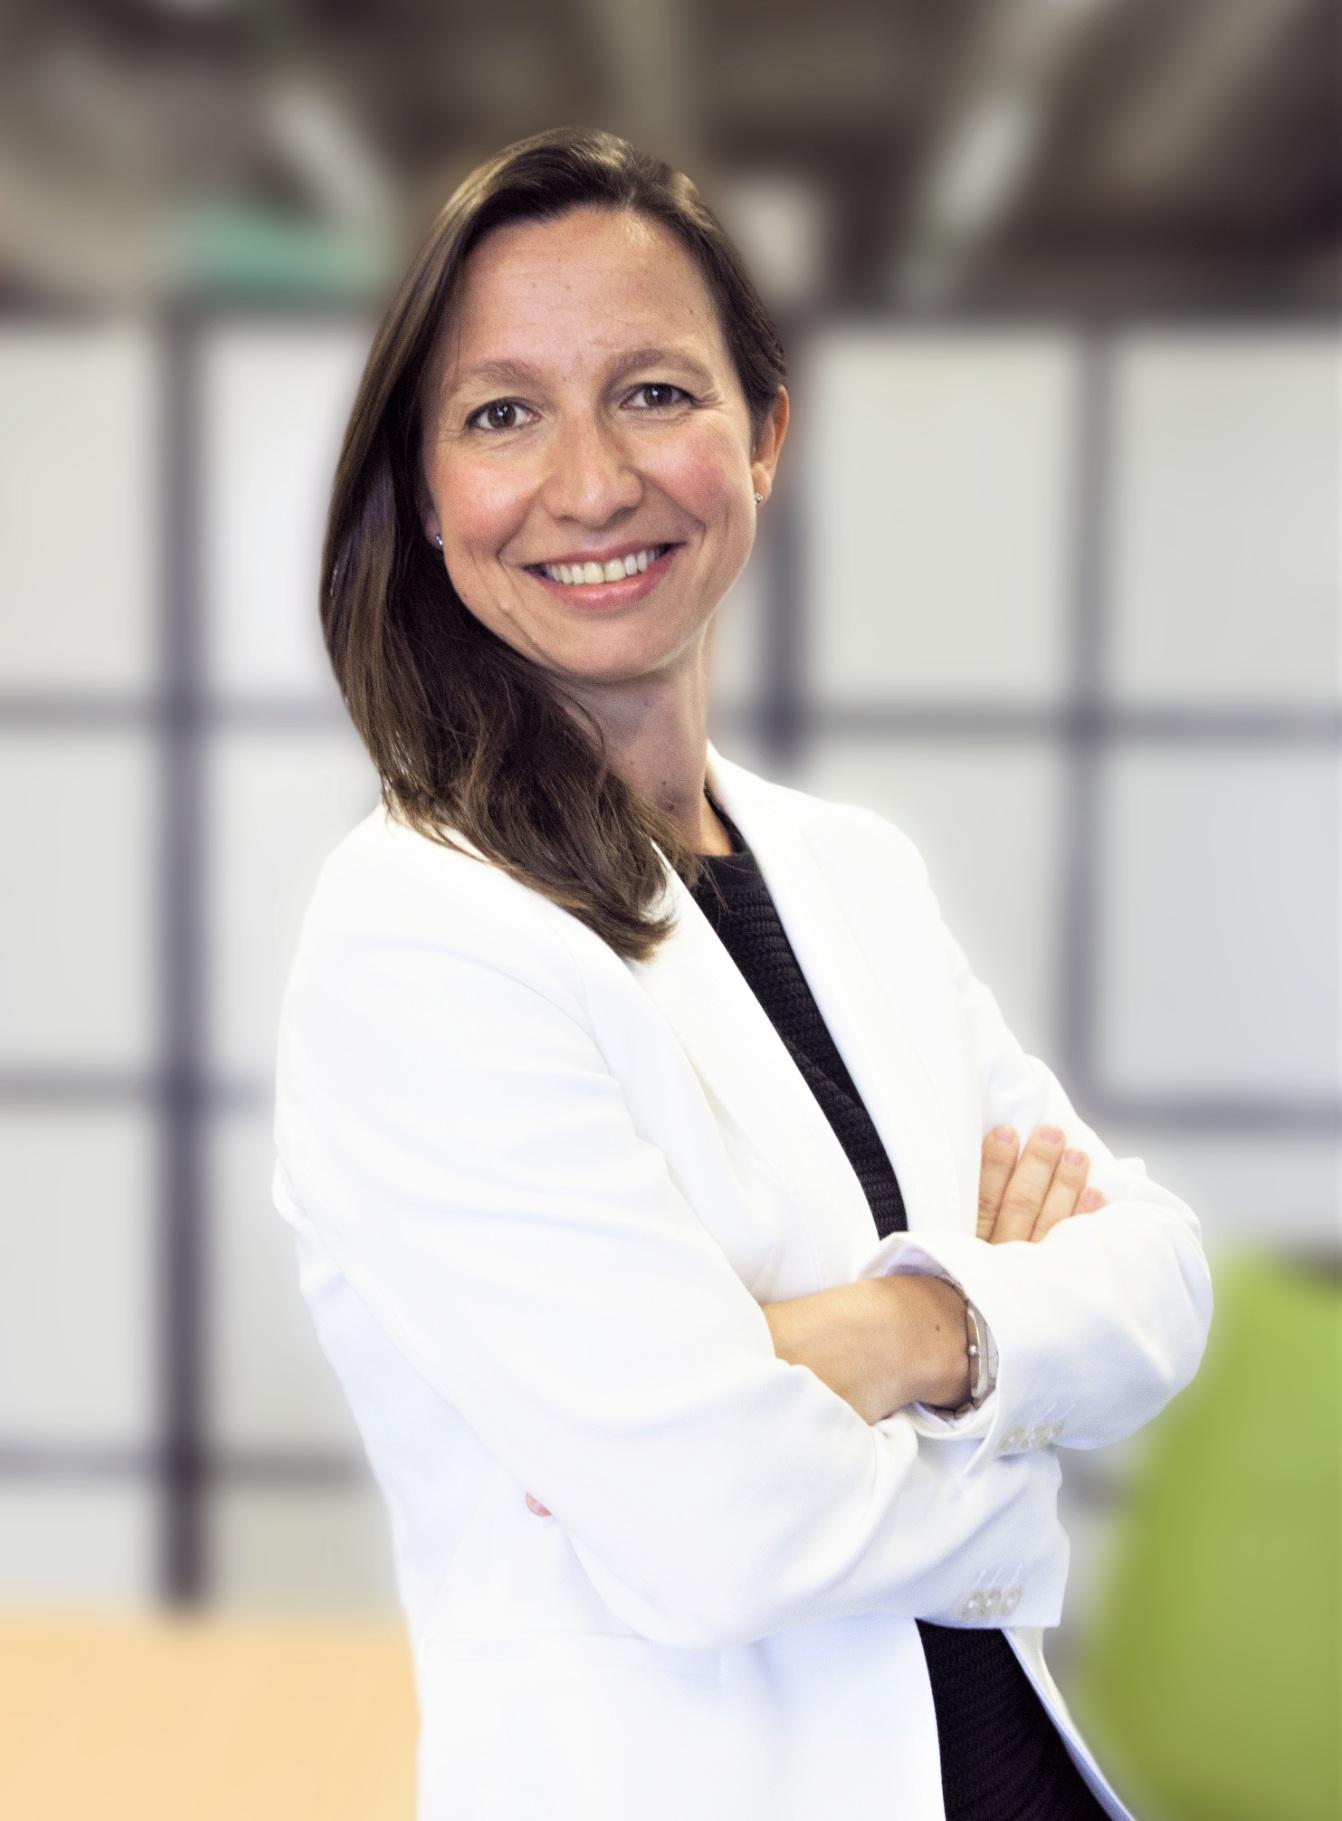 Helena Torras B-wom dones emprenedores Biocat